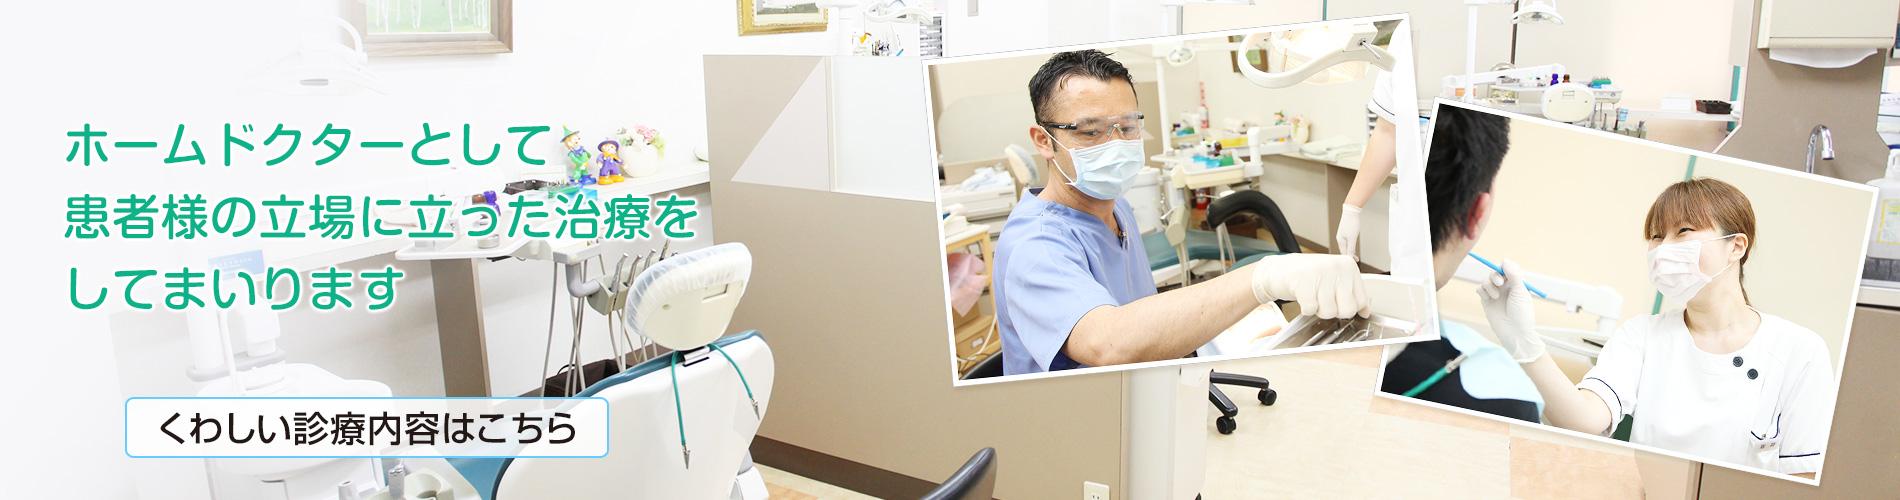 ホームドクターとして患者様の立場に立った治療をしてまいります―診療内容のご紹介